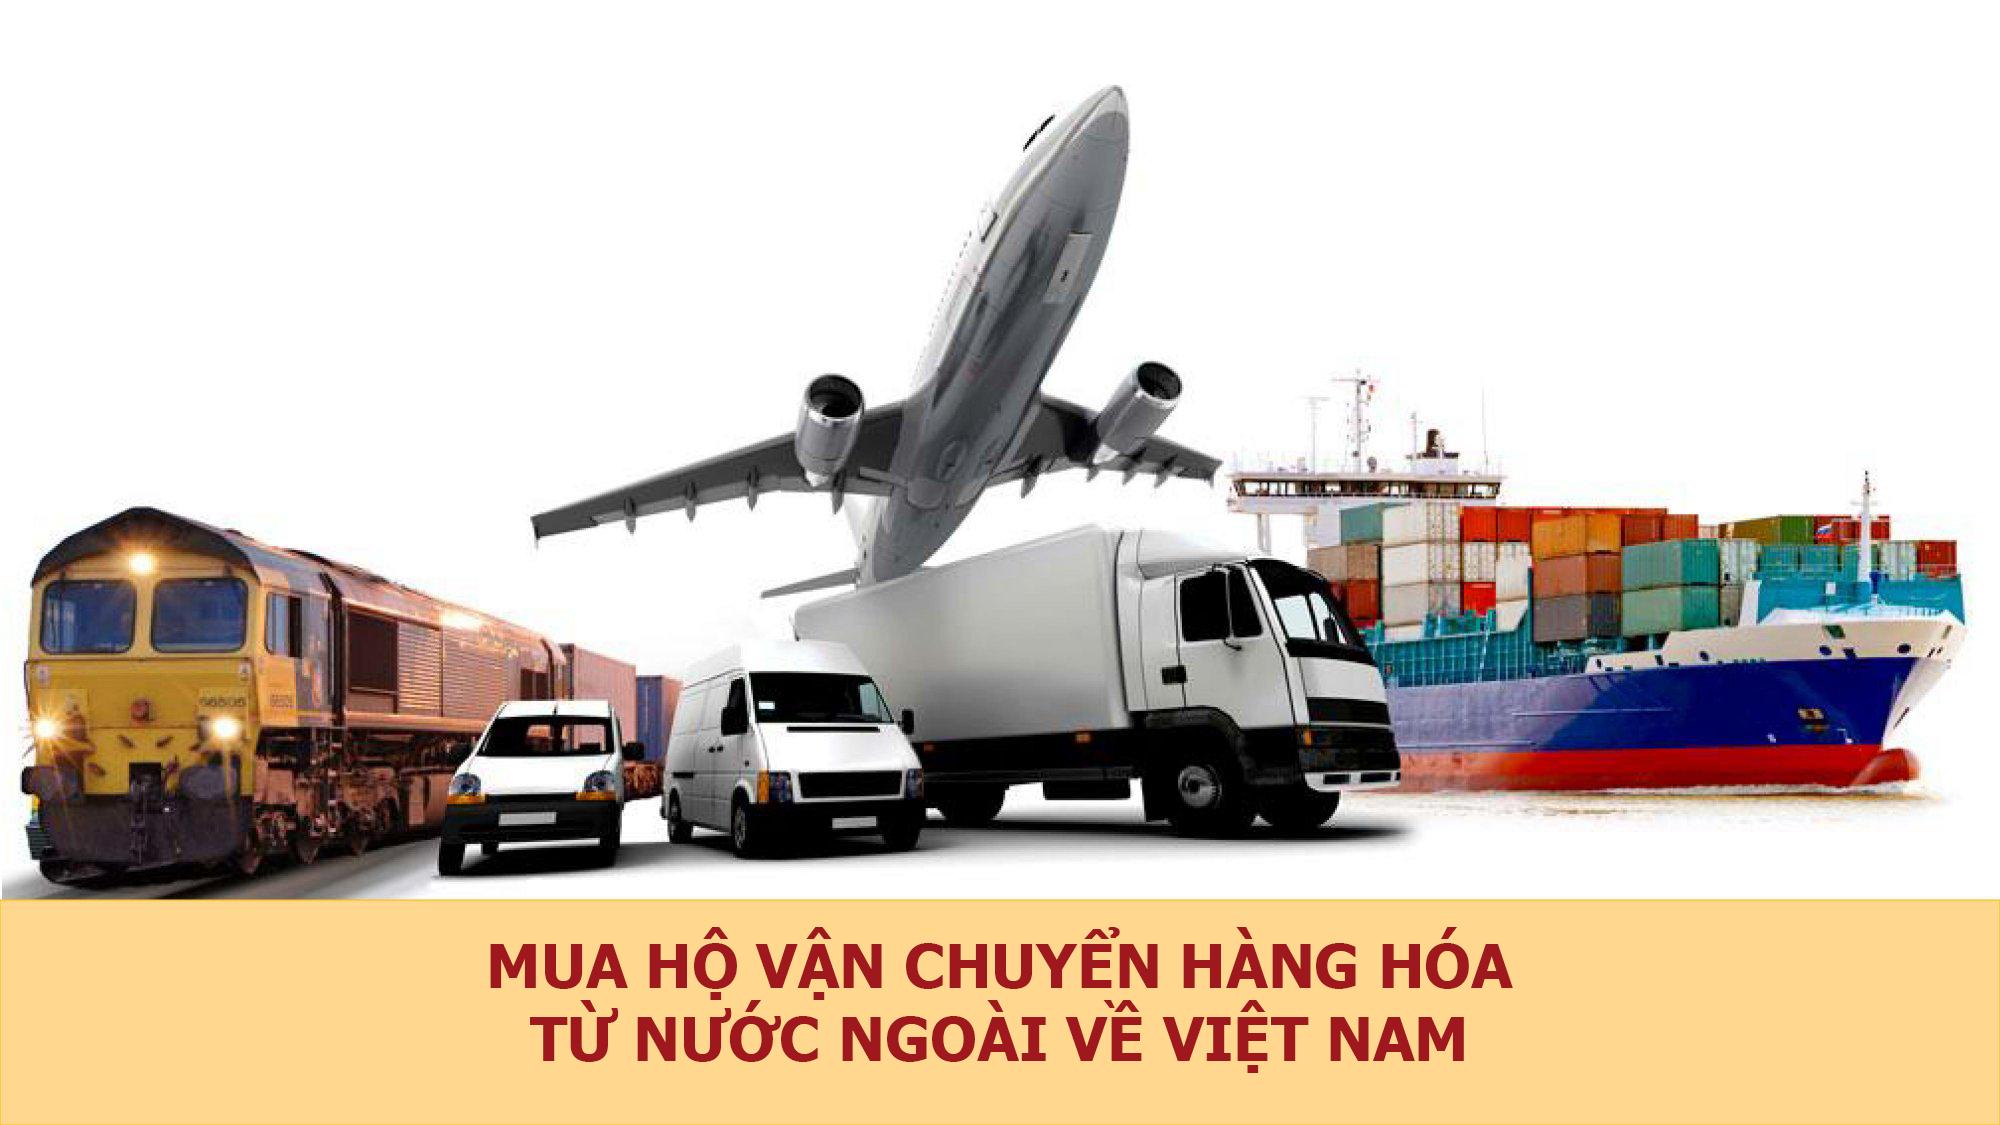 Quý Nam - đi đầu về ngành vận chuyển tại Việt Nam